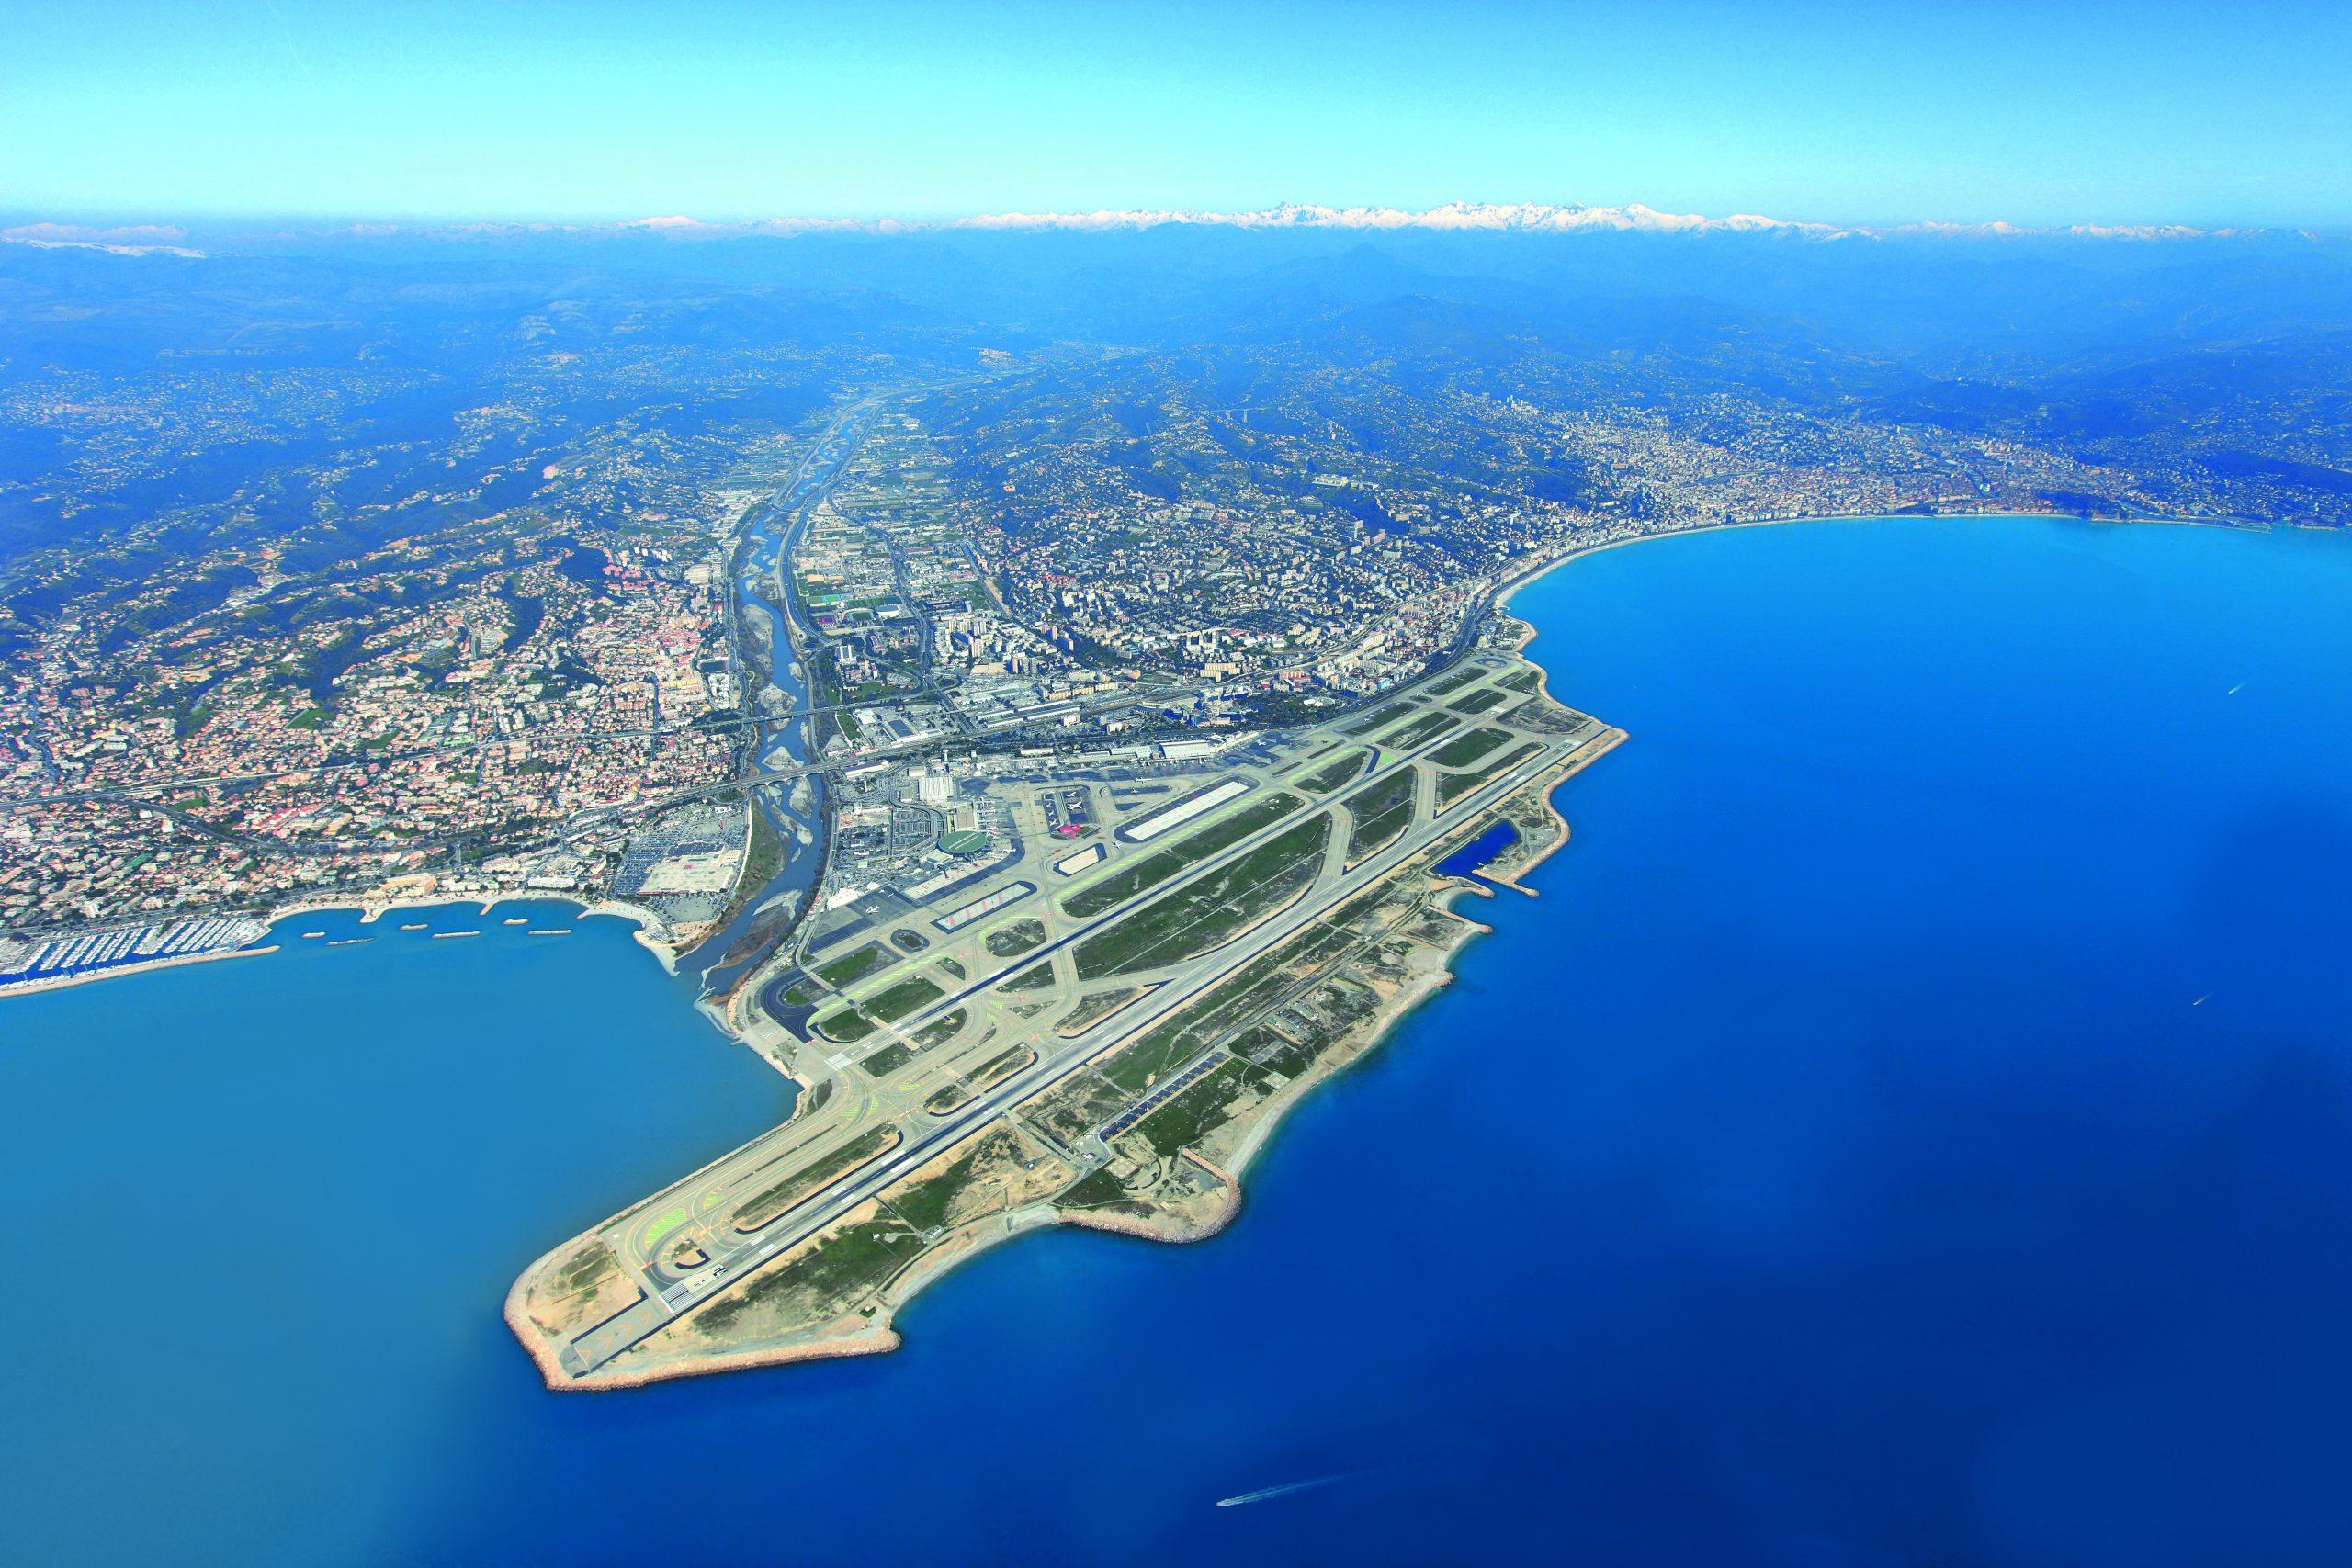 60M€ pour financer un tourisme durable et responsable